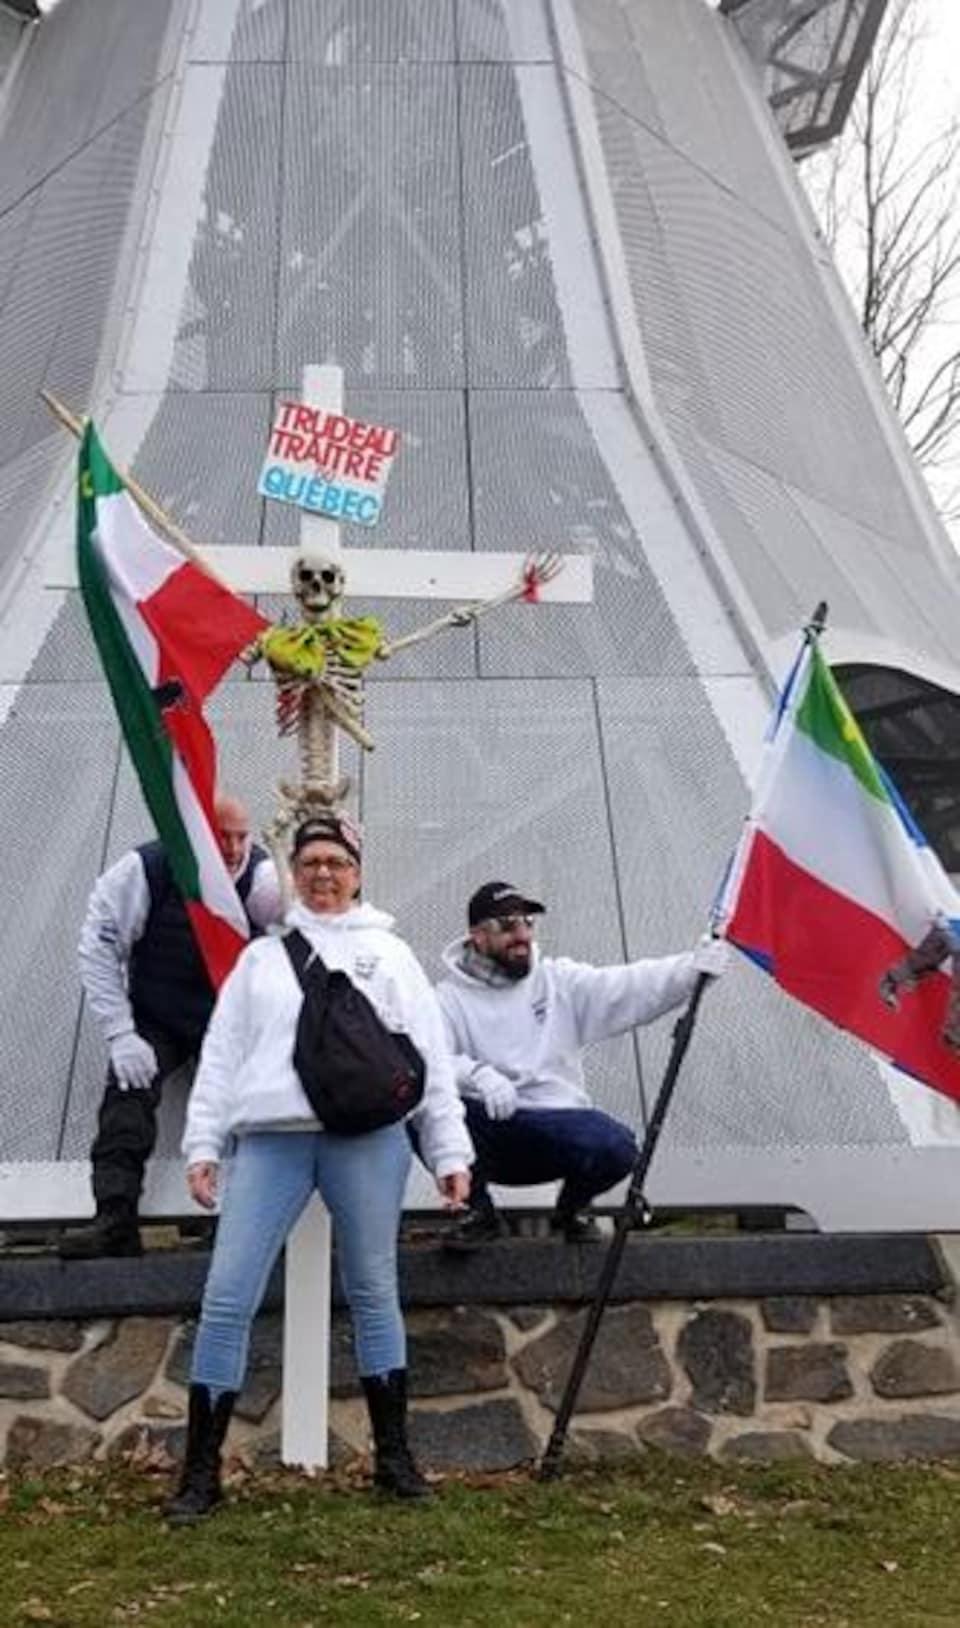 On voit trois manifestants portant les drapeaux du Québec et des Patriotes, ainsi qu'une croix avec un squelette et une pancarte qui dit « Trudeau traître du Québec ».